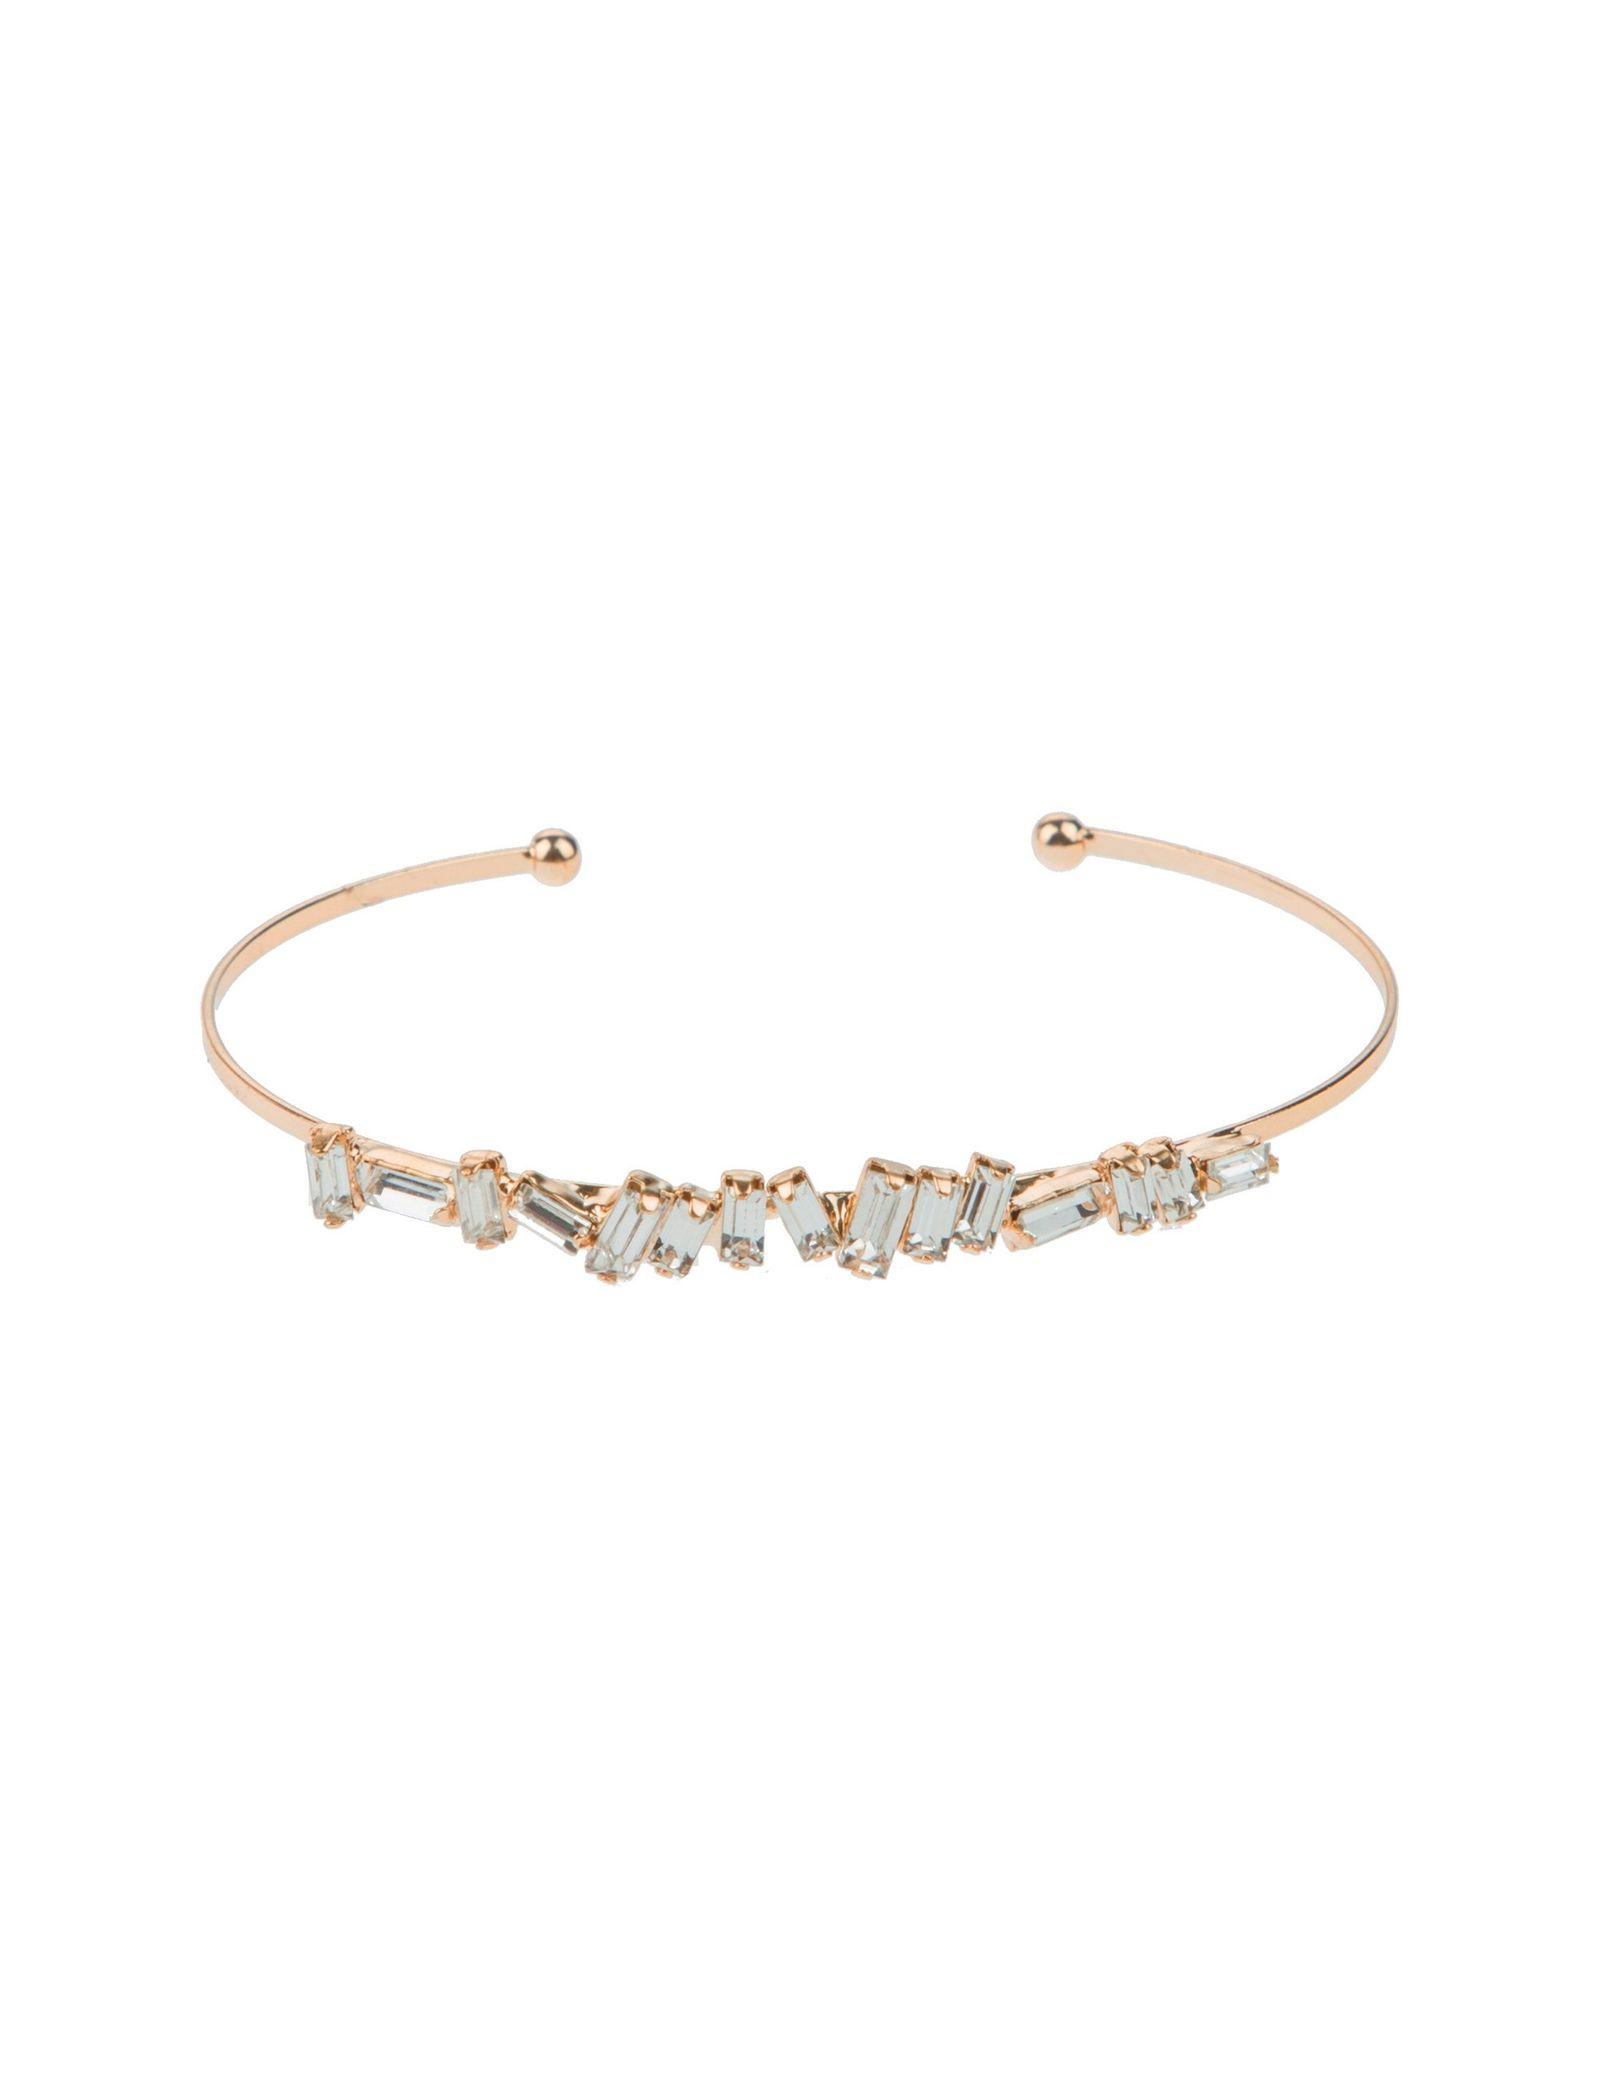 دستبند النگویی زنانه بسته 3 عددی - آلدو تک سایز - طلايي - 4